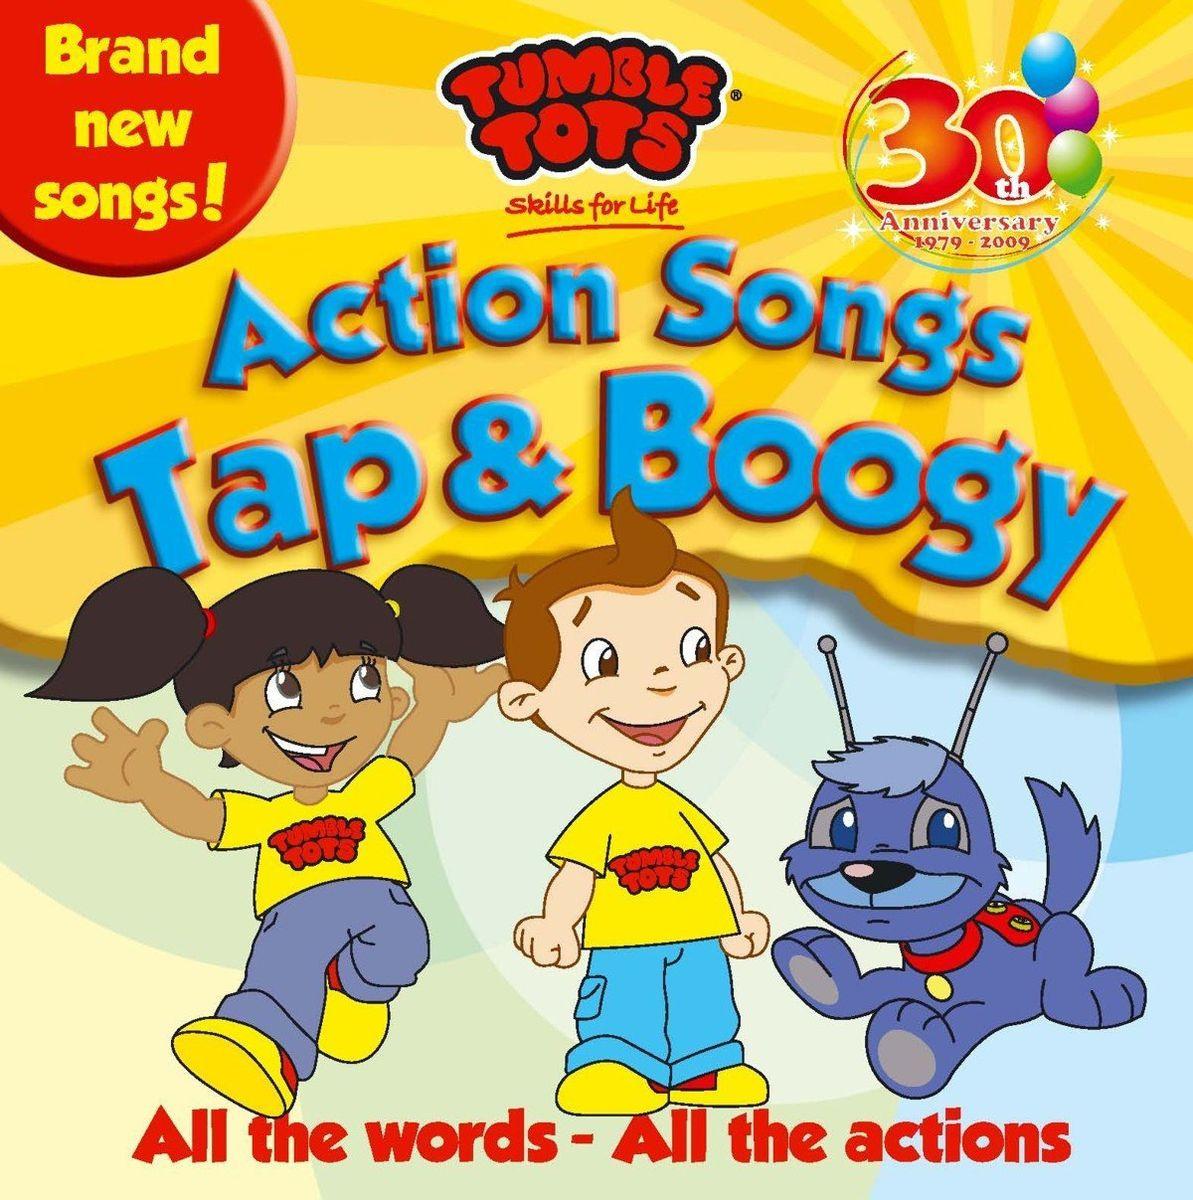 Tumble Tots. Tumble Tots - Action:Tap & Boogy #1